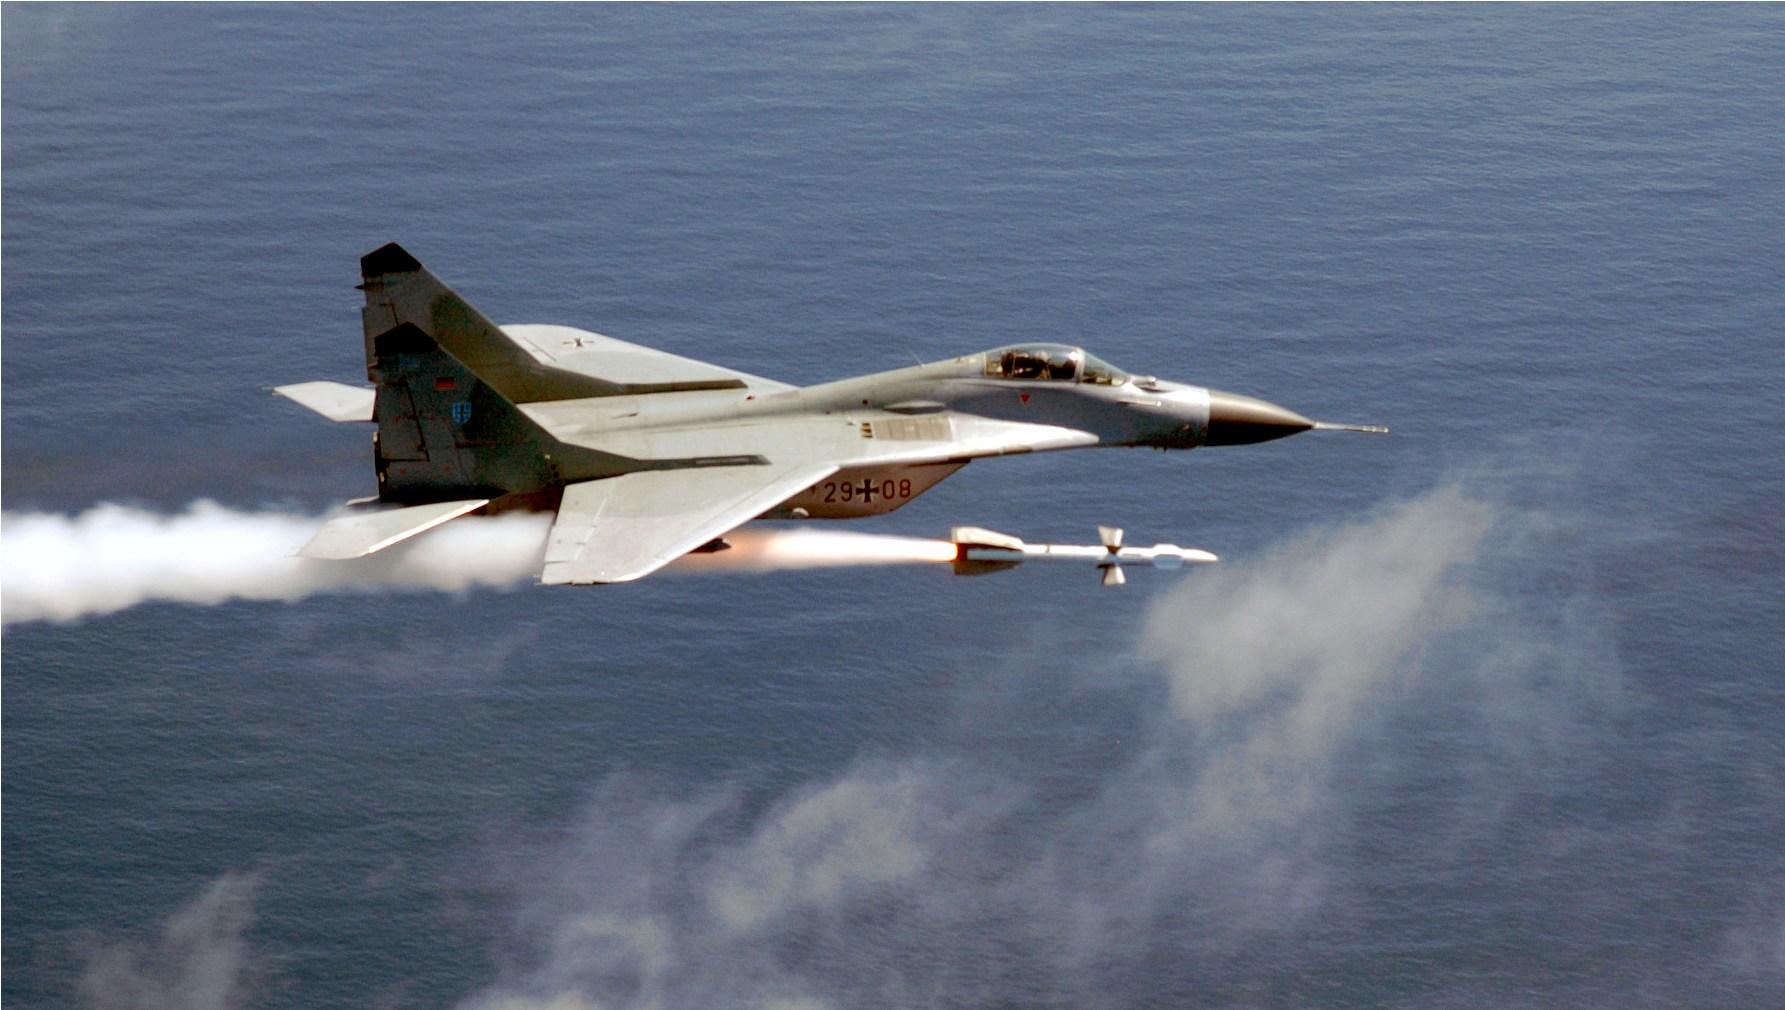 MiG-29 alemao em visita aos EUA - 2003 - foto USAF